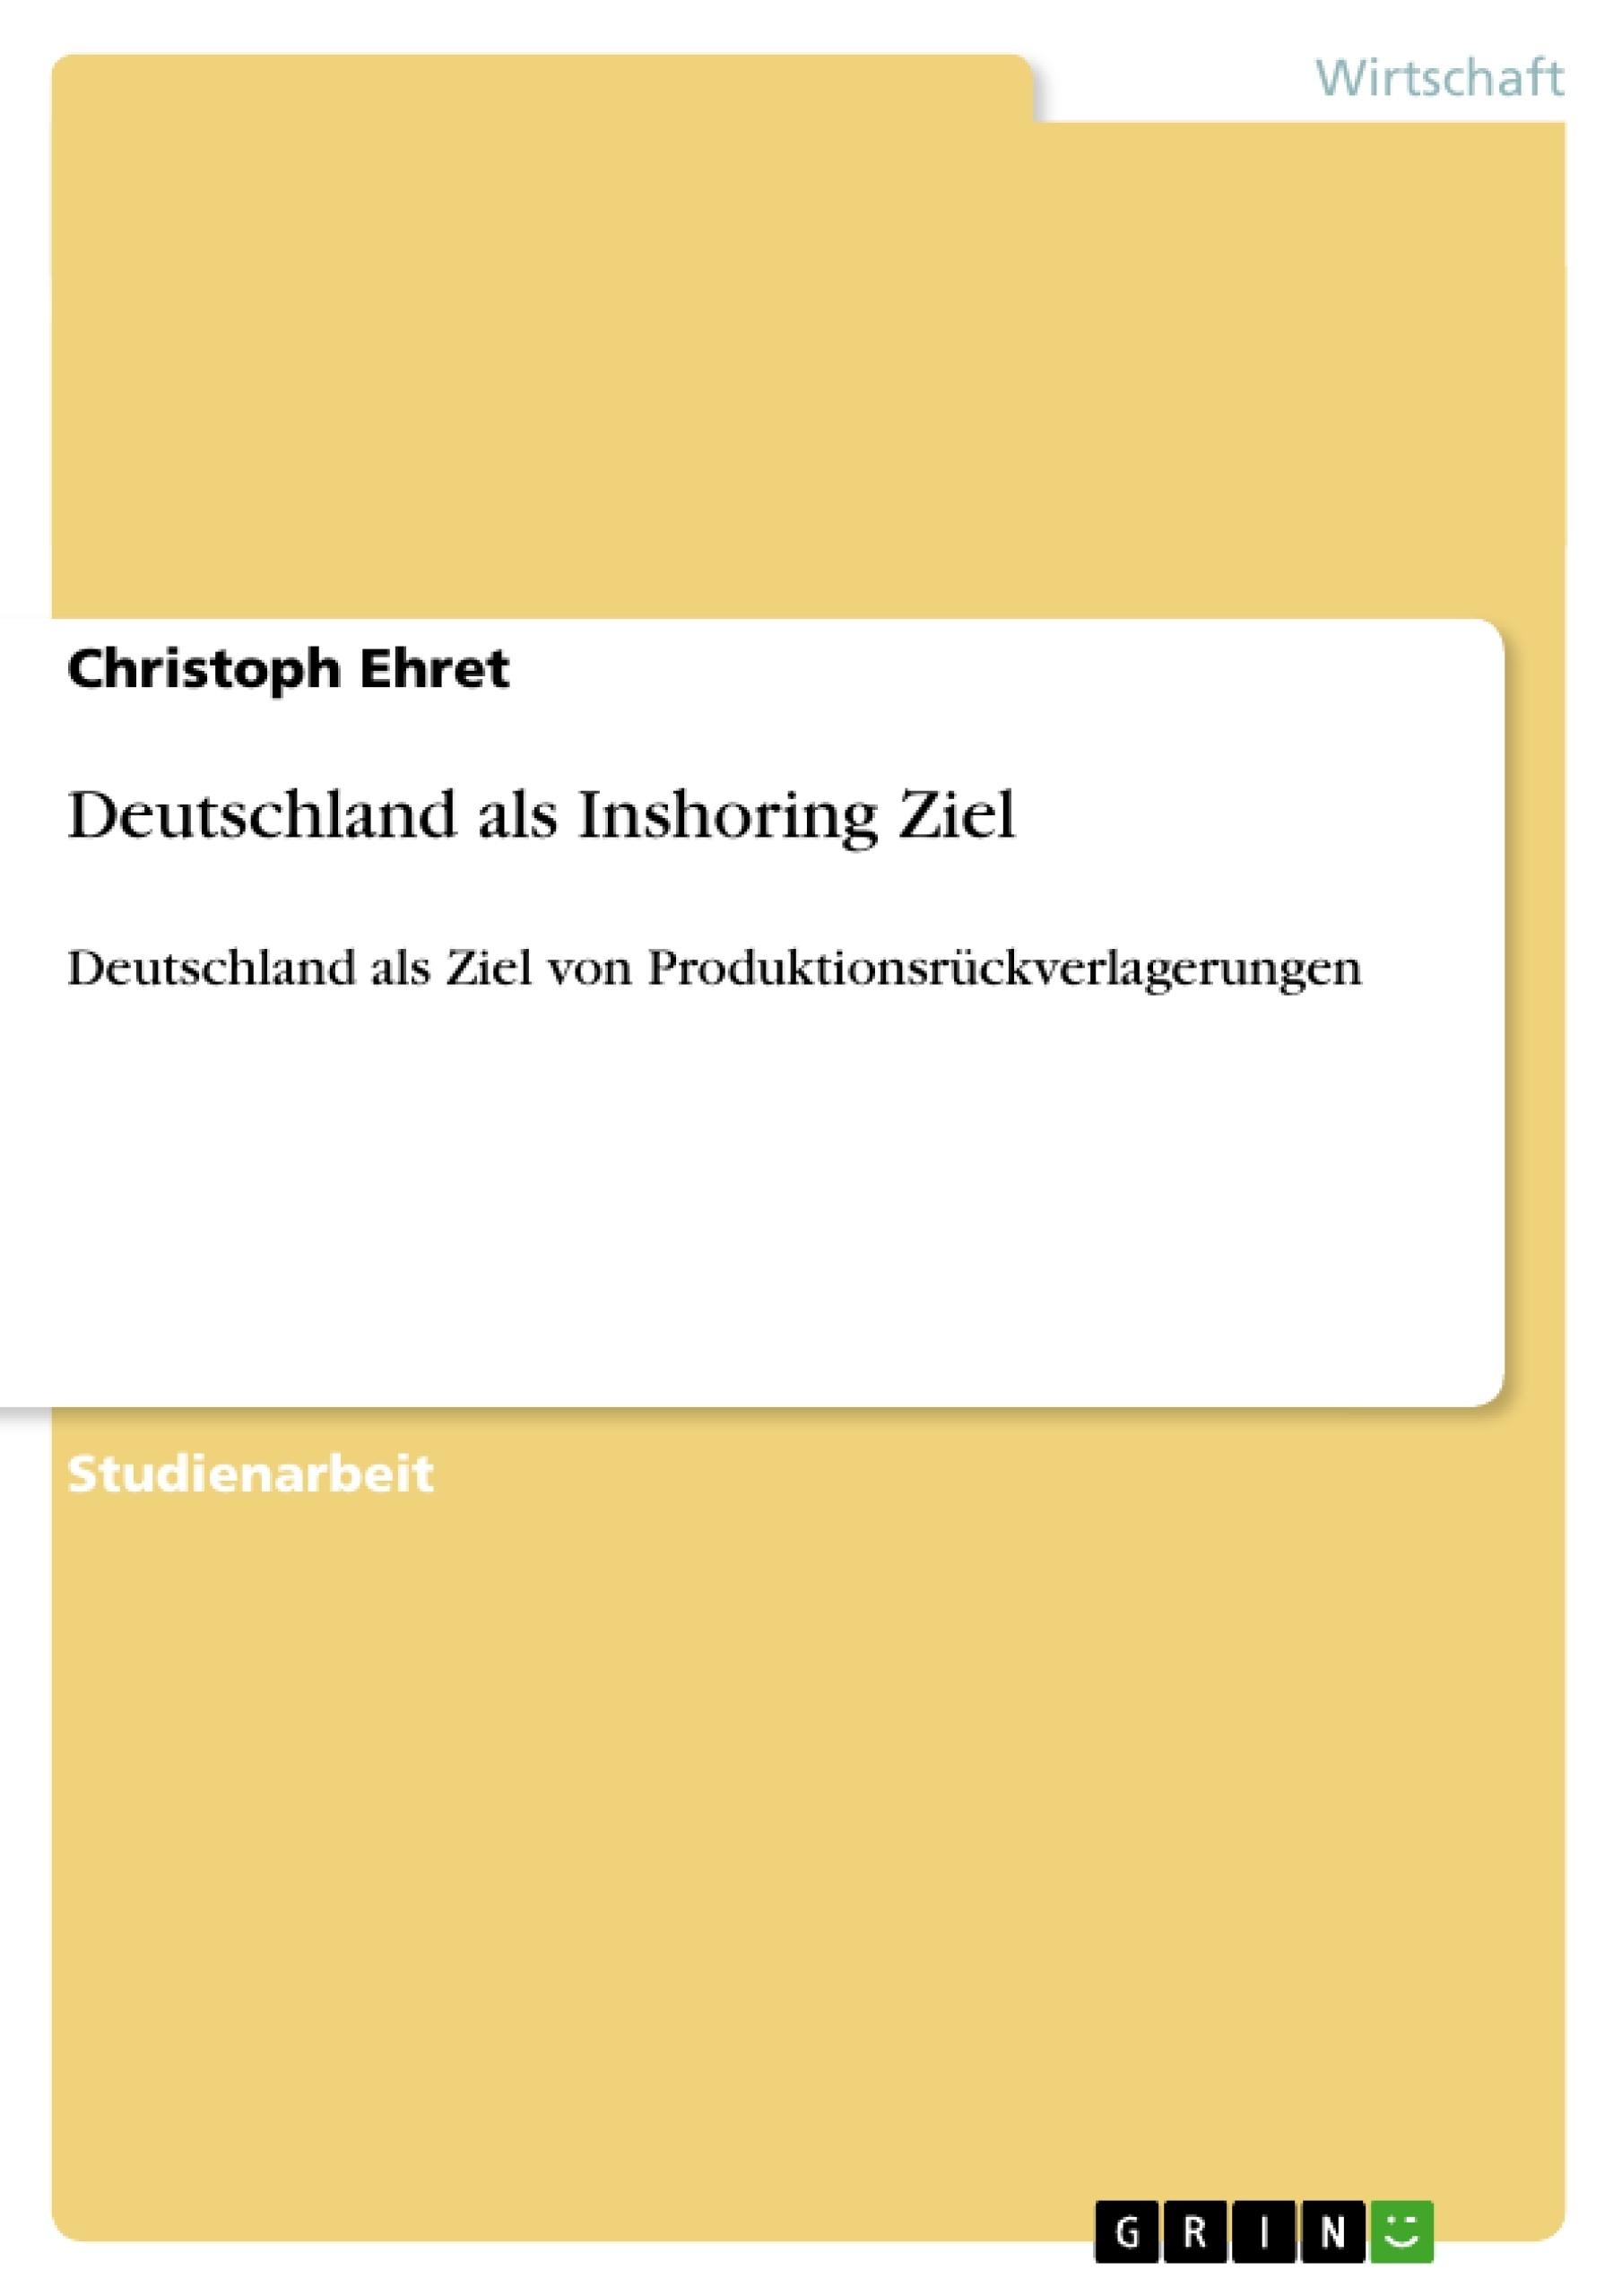 Titel: Deutschland als Inshoring Ziel